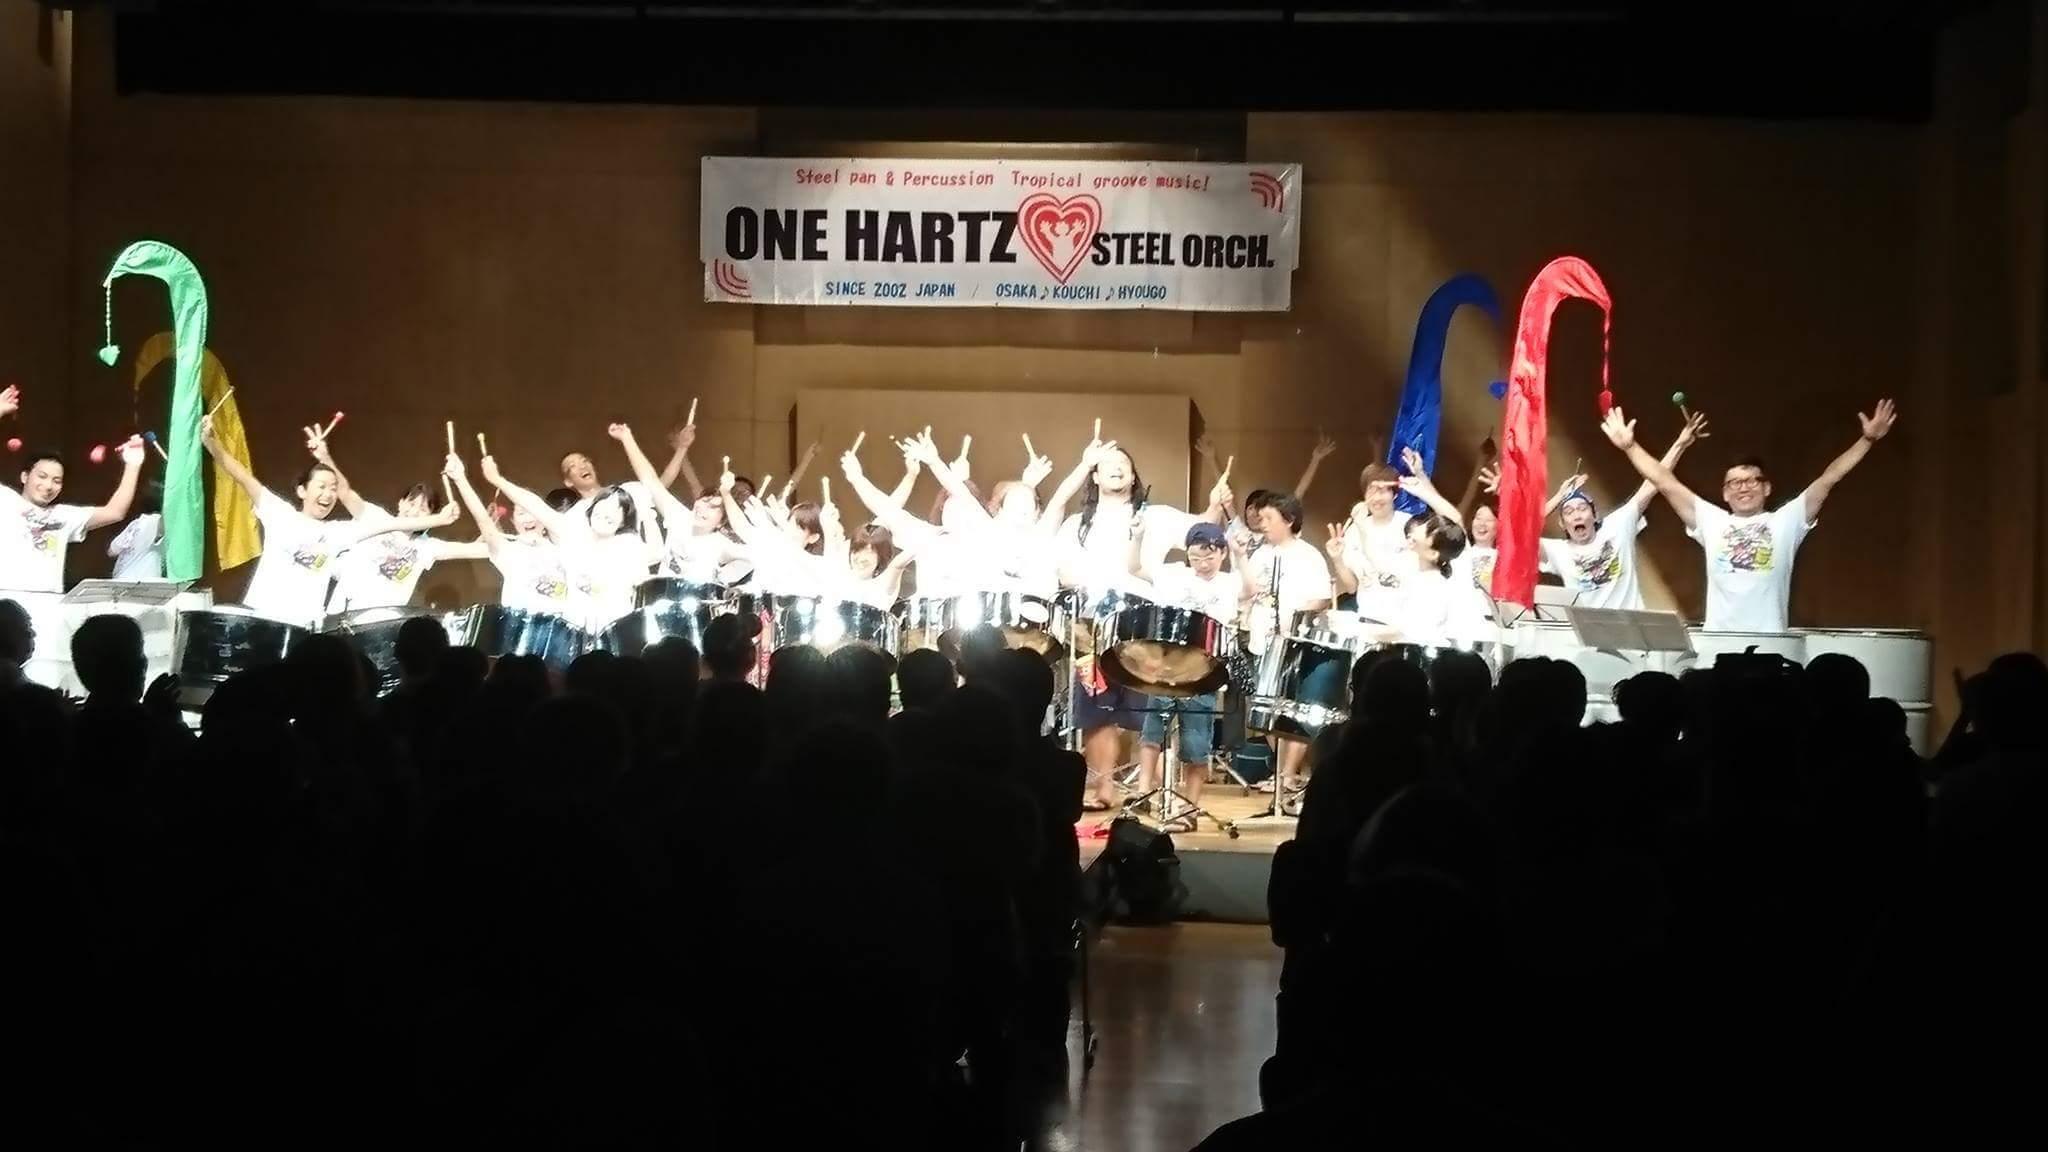 高知でスティールパン祭「15周年編」にて演奏してきました。_b0248249_14182171.jpeg